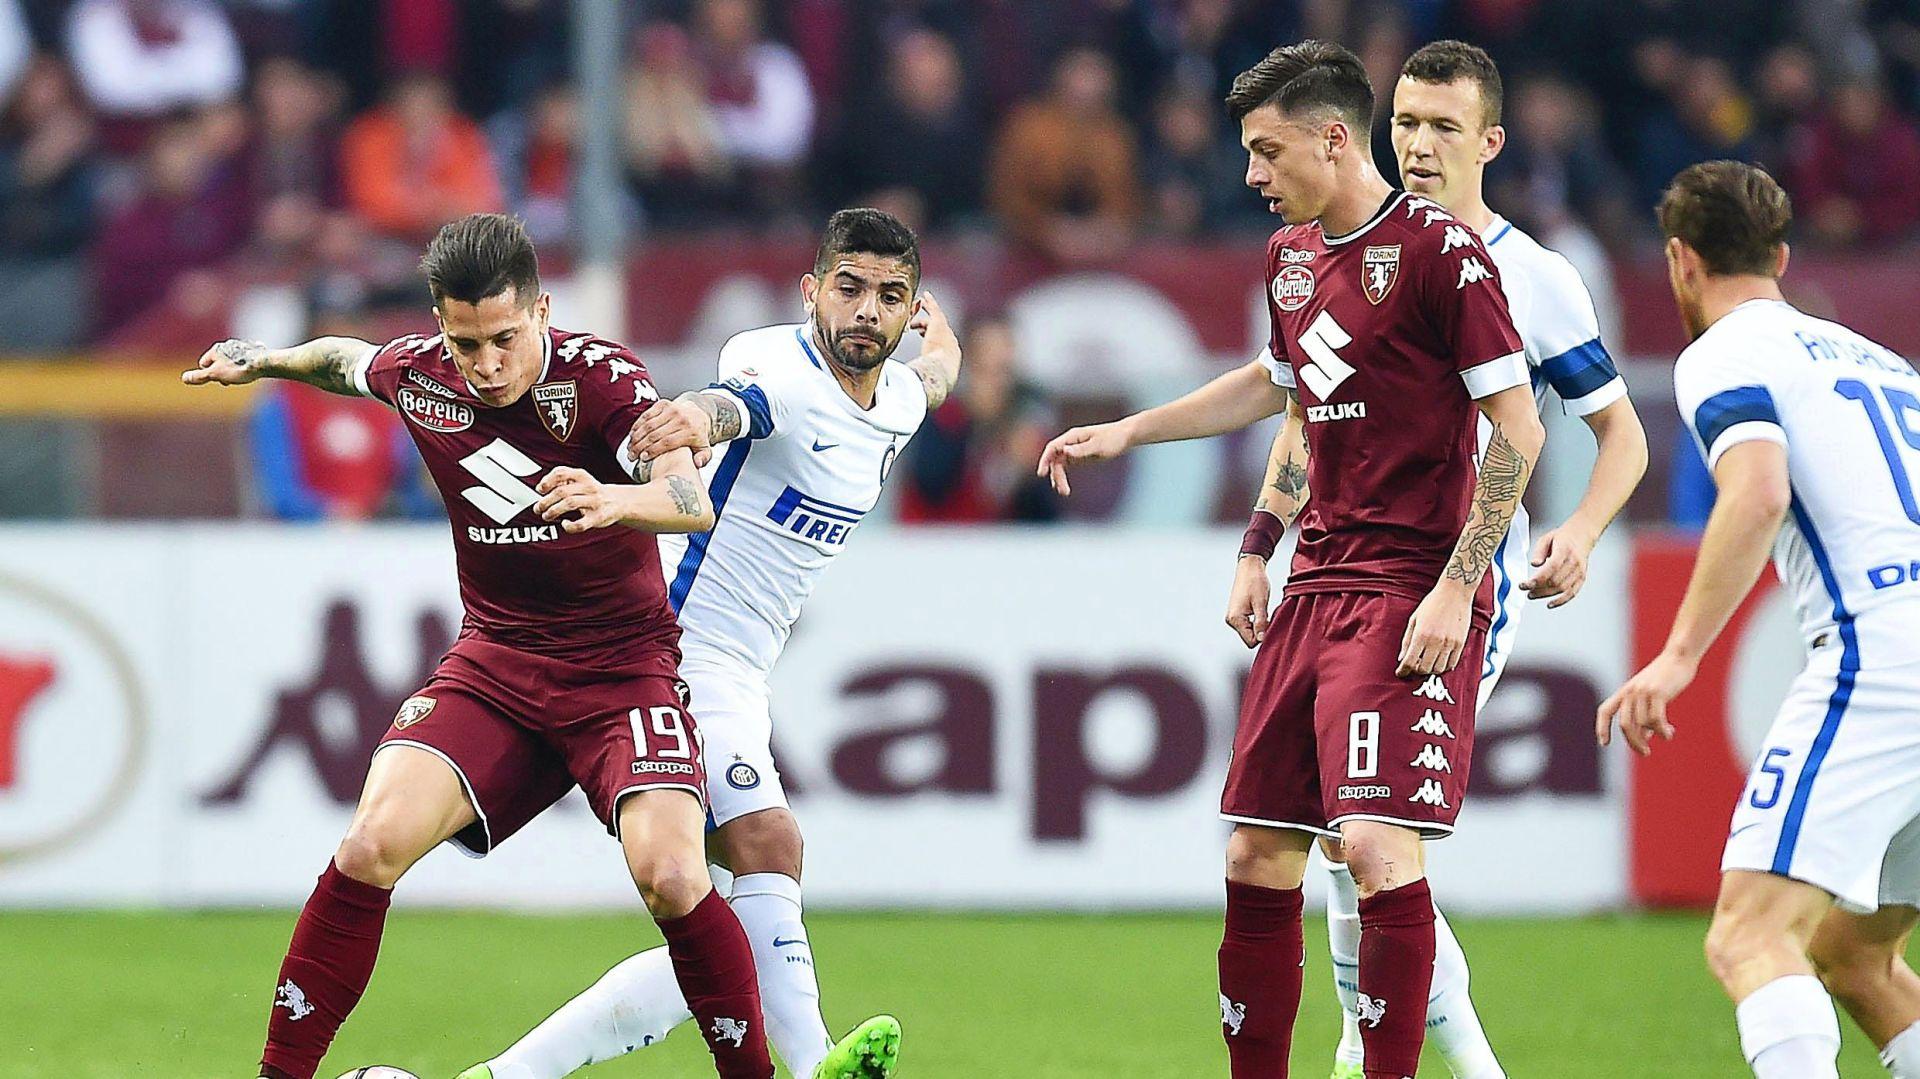 SERIE A Inter i Torino podijelili bodove